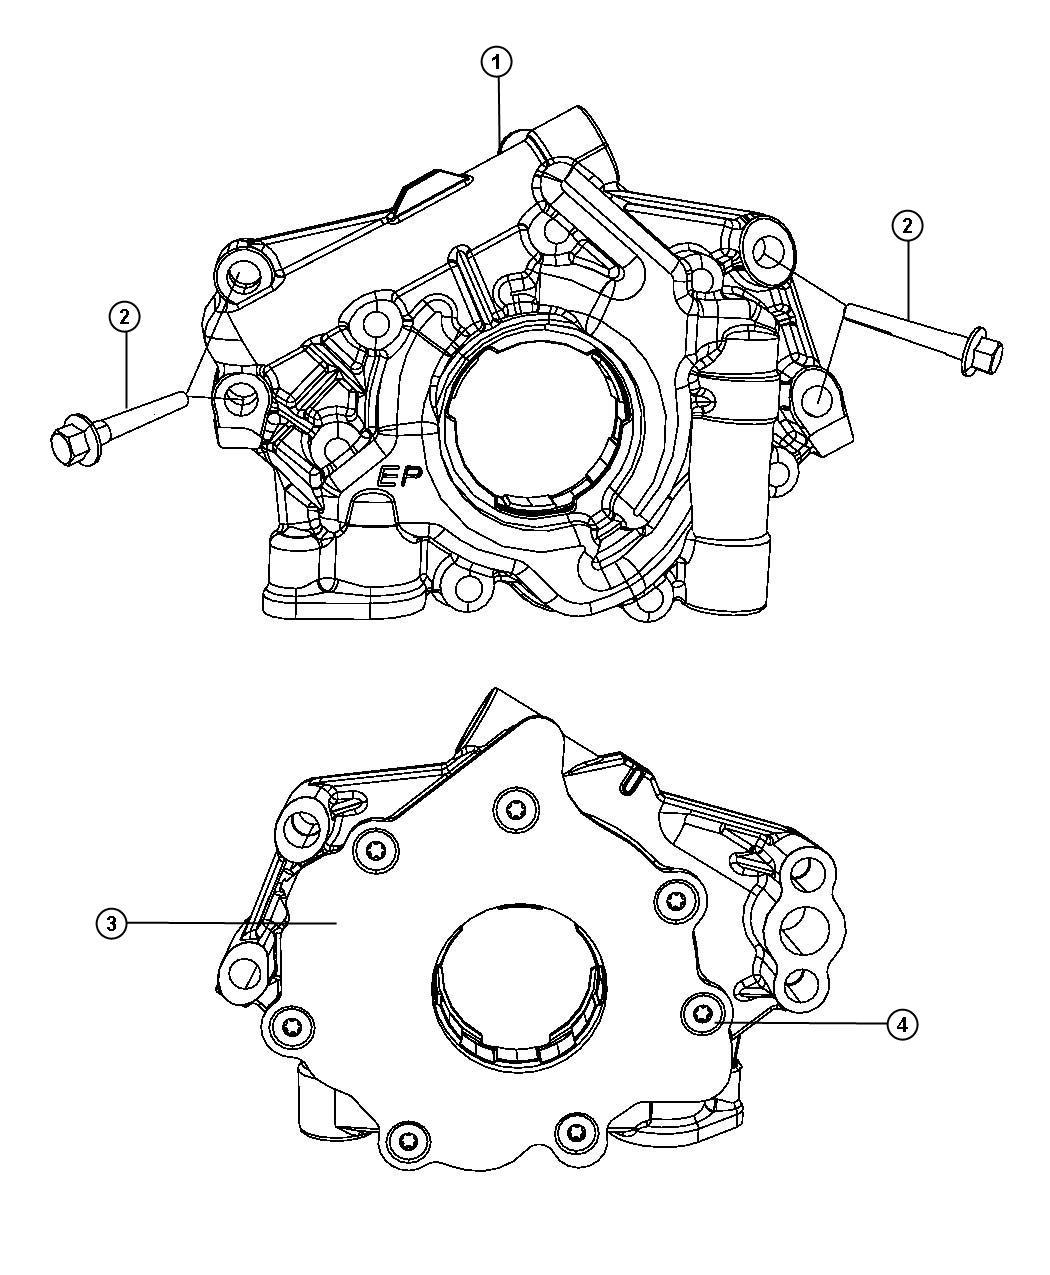 Ram Engine Oiling Pump 5 7l 5 7l V8 Hemi Vvt Engine